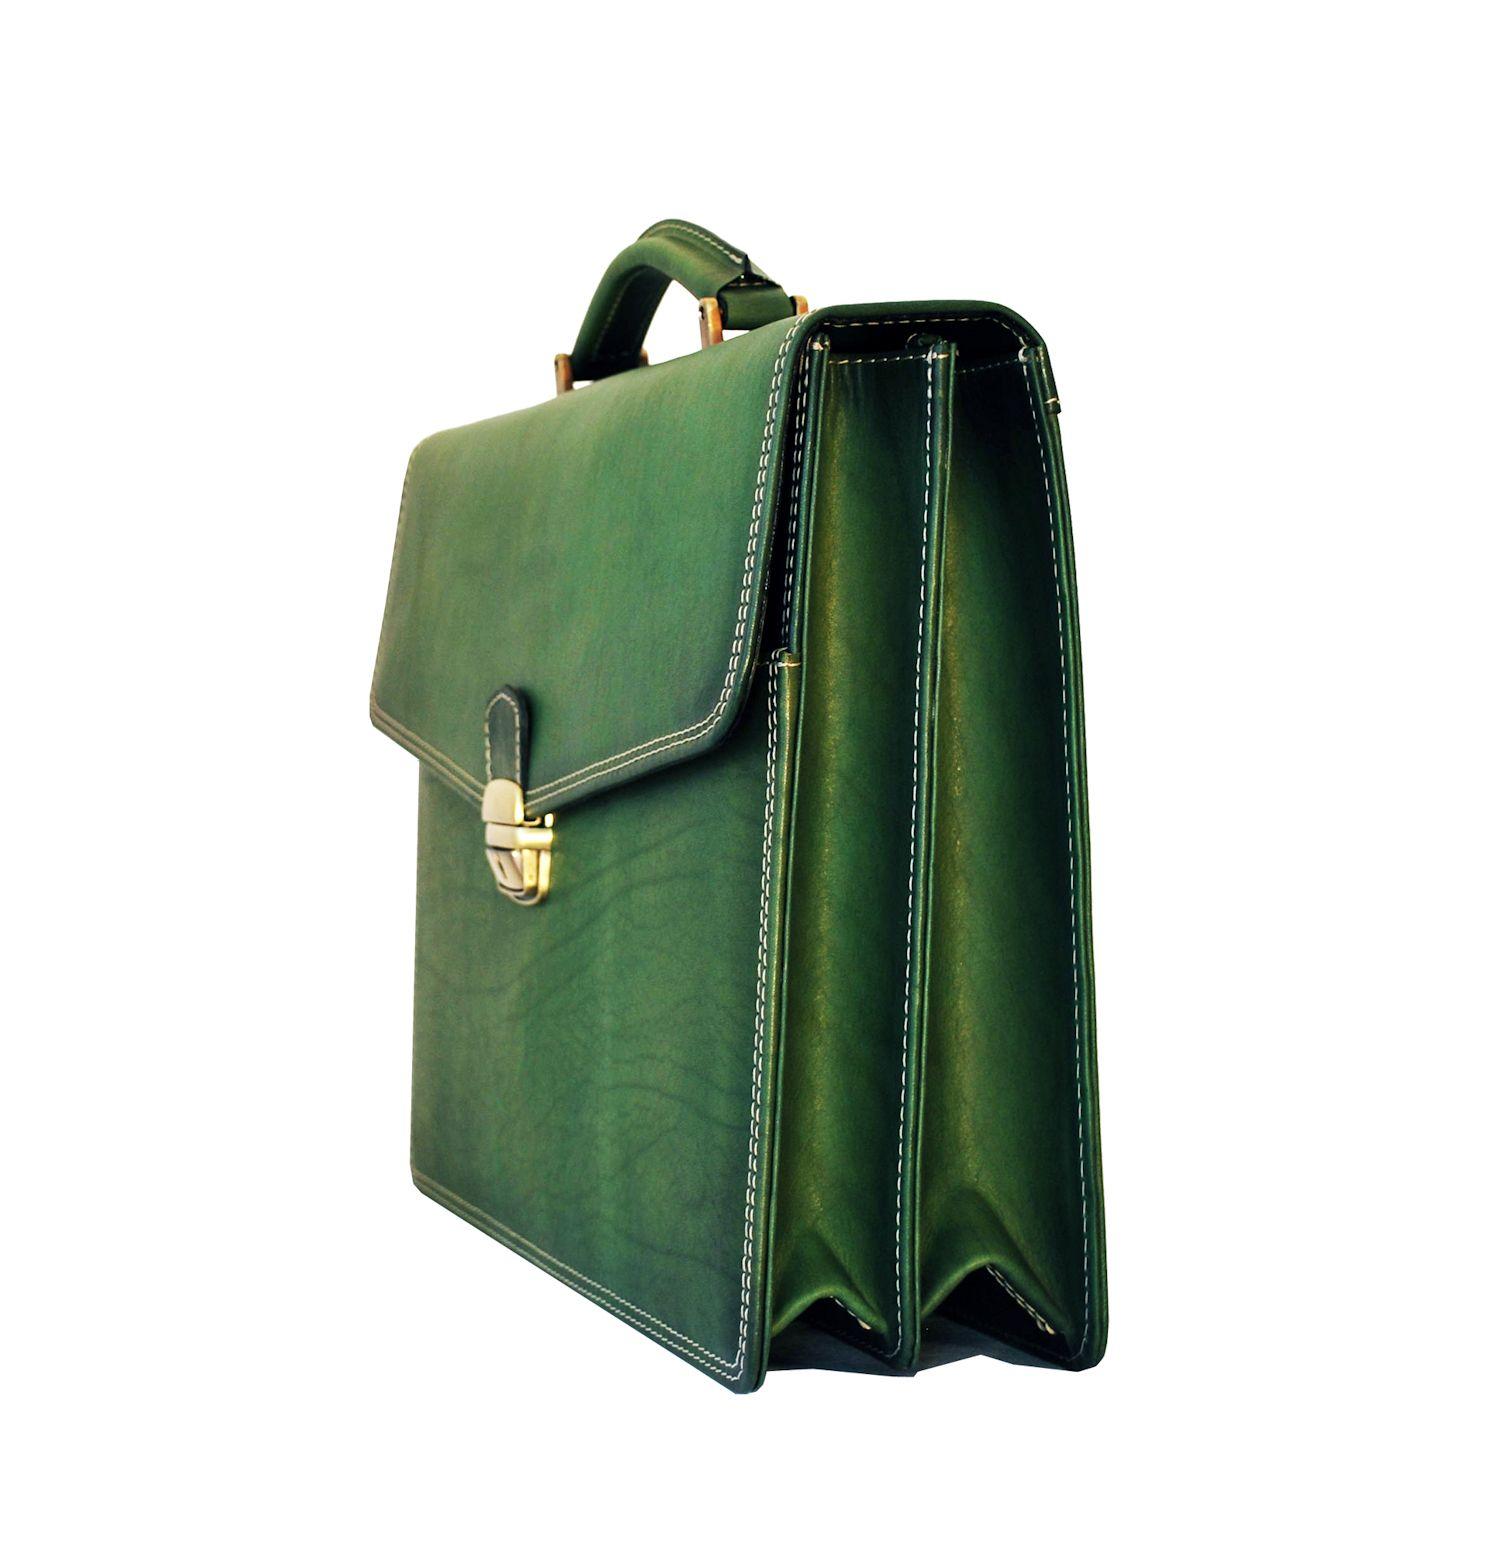 0af52b25a3 Luxusná kožená pracovná aktovka v zelenej farbe